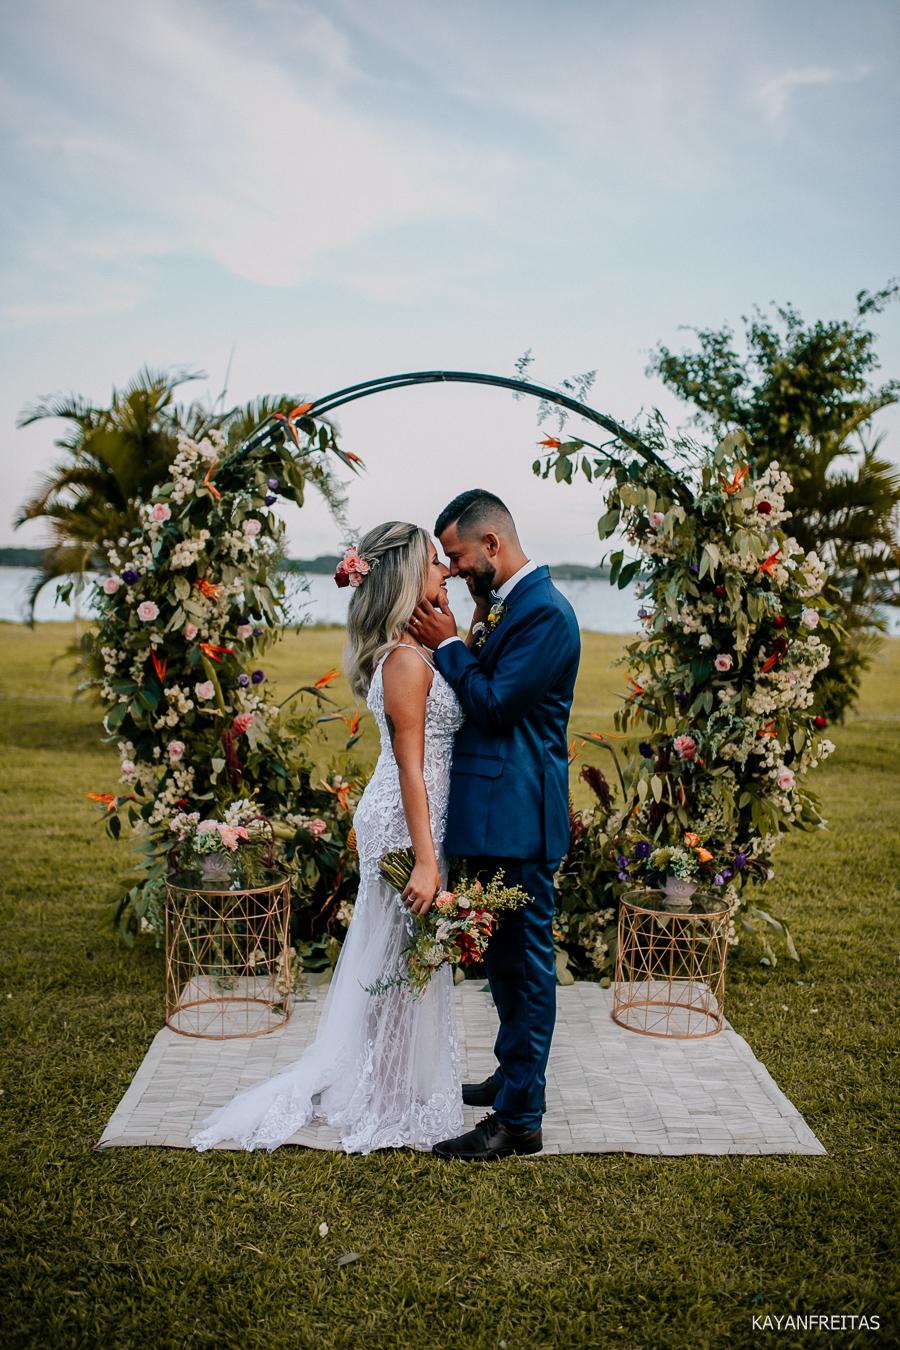 casamentodedia-lic-floripa-0101 Casamento de dia em Florianópolis - Pri e Guto